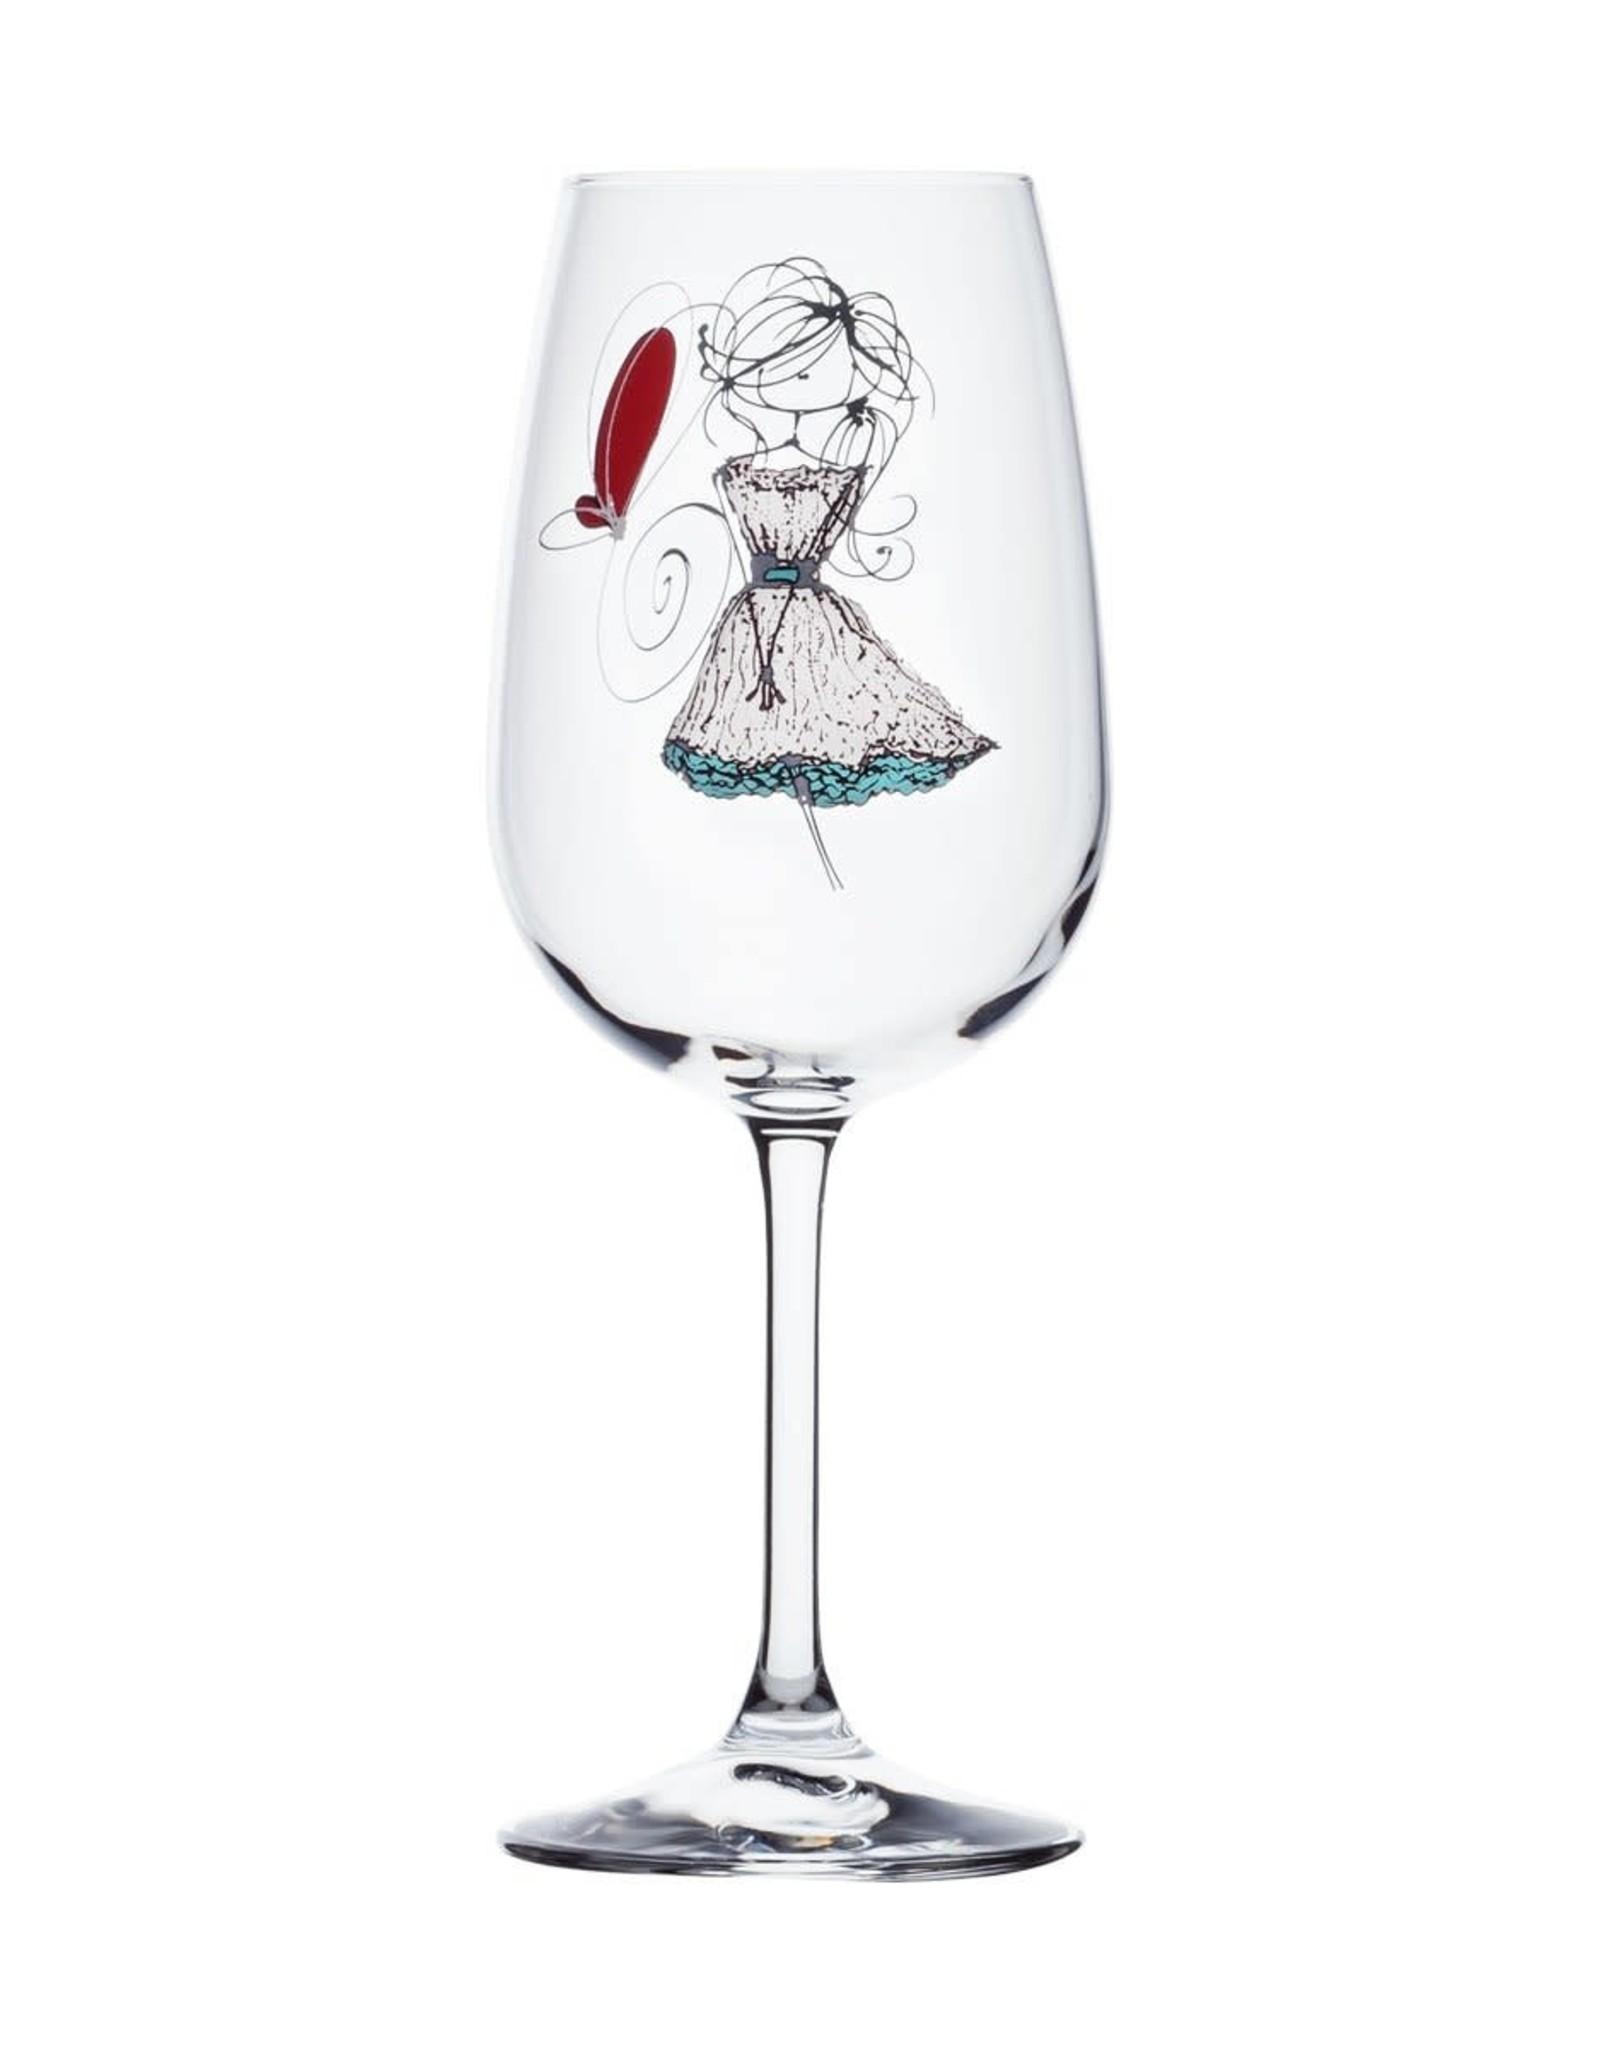 Bizzart & cie Verre à vin  robe blanche  - Bonheur